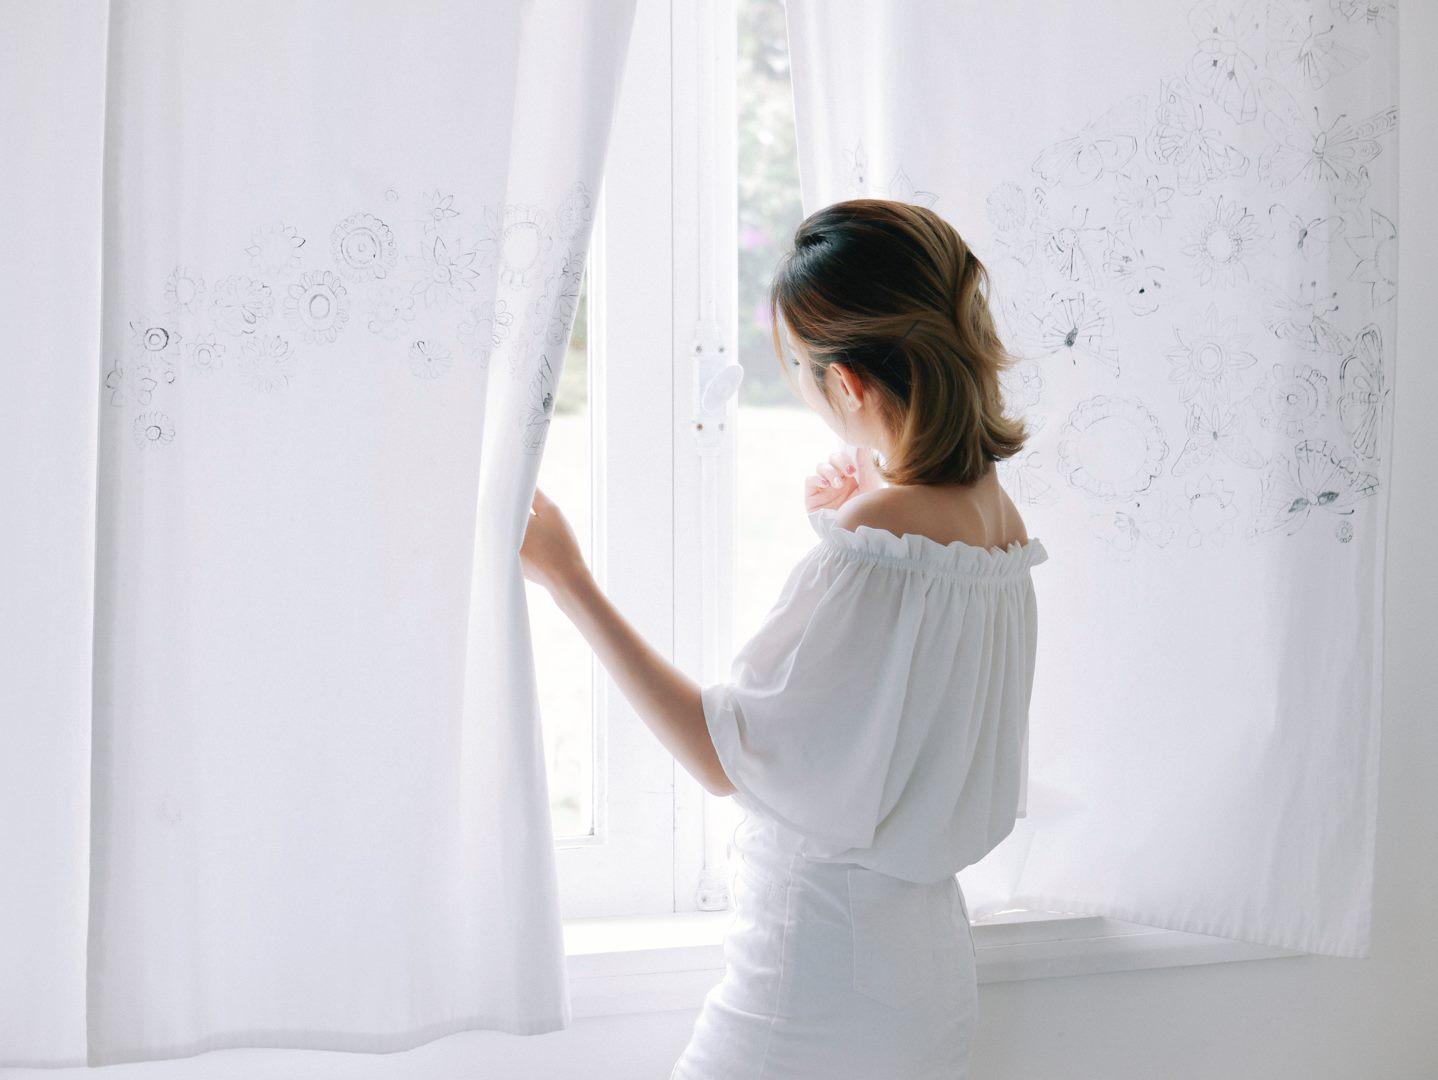 Hoạ tiết điển xuyết nhẹ nhàng trên rèm cửa tôn len vẻ tinh tế của Lữ Tấn